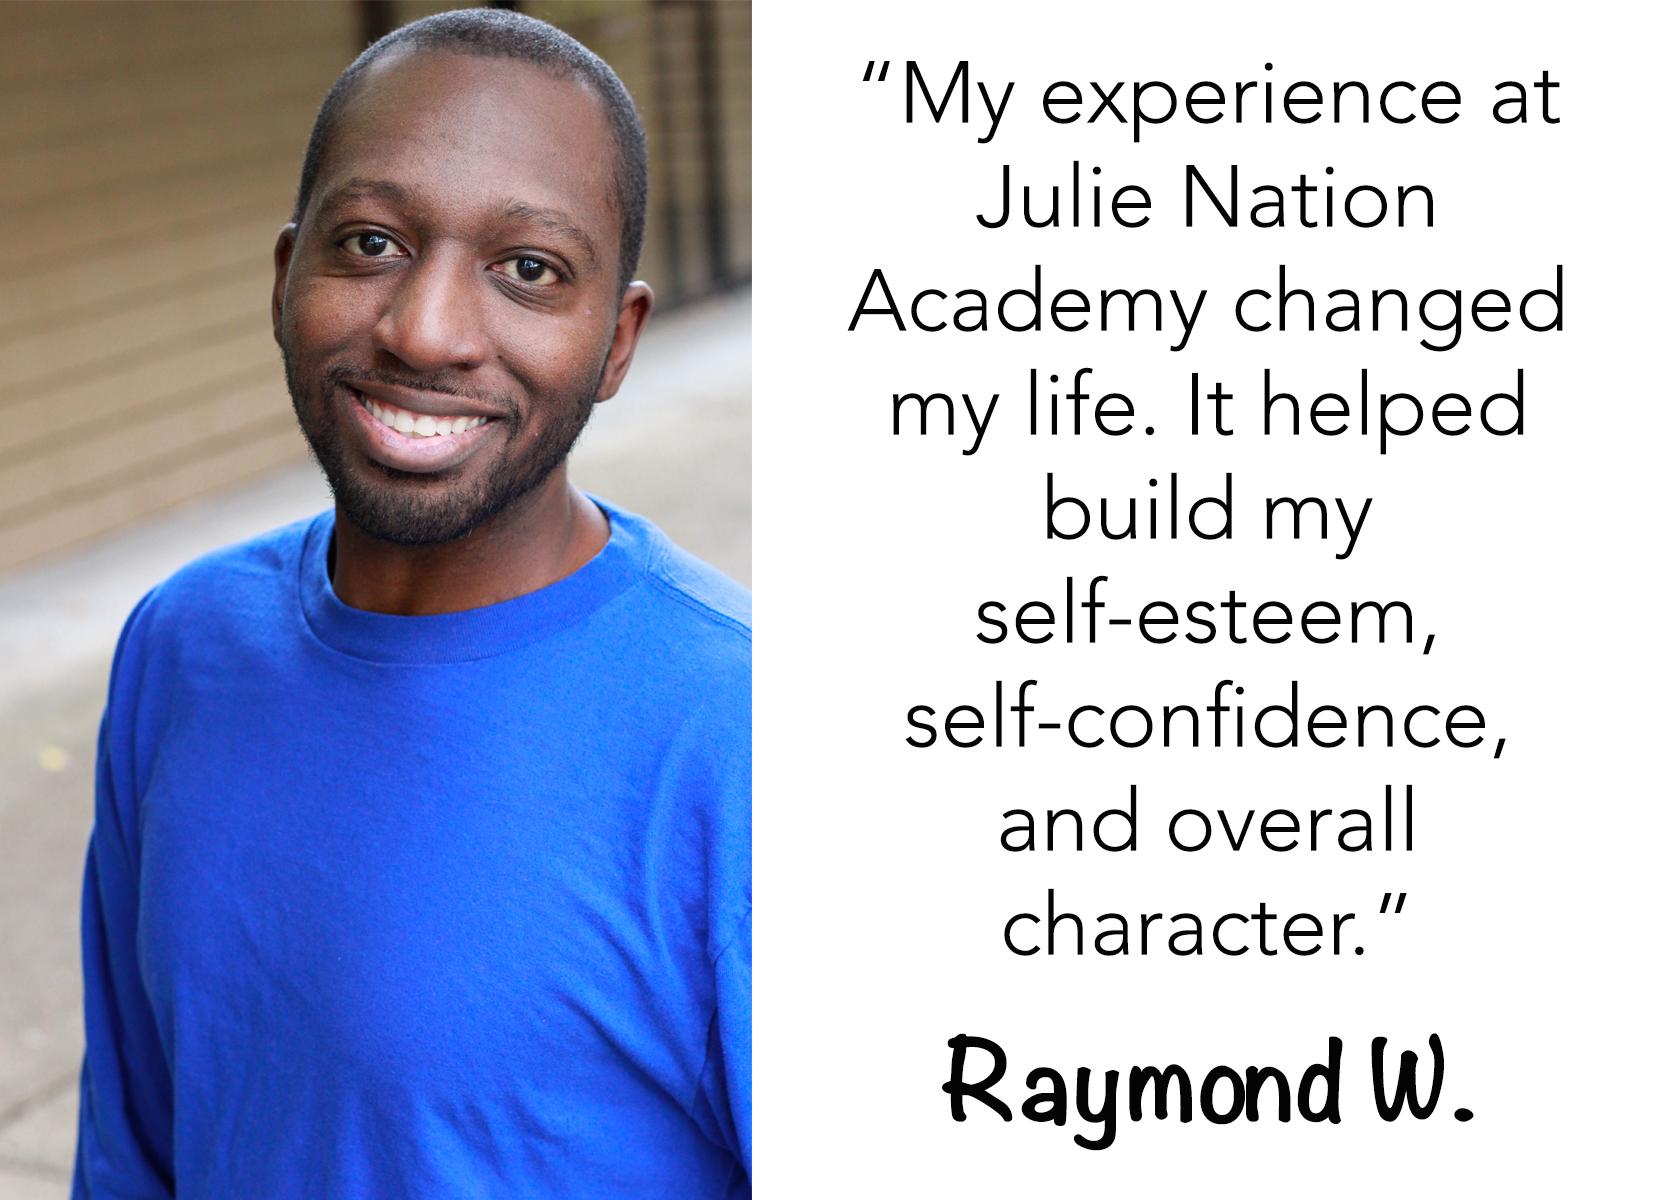 Raymond W